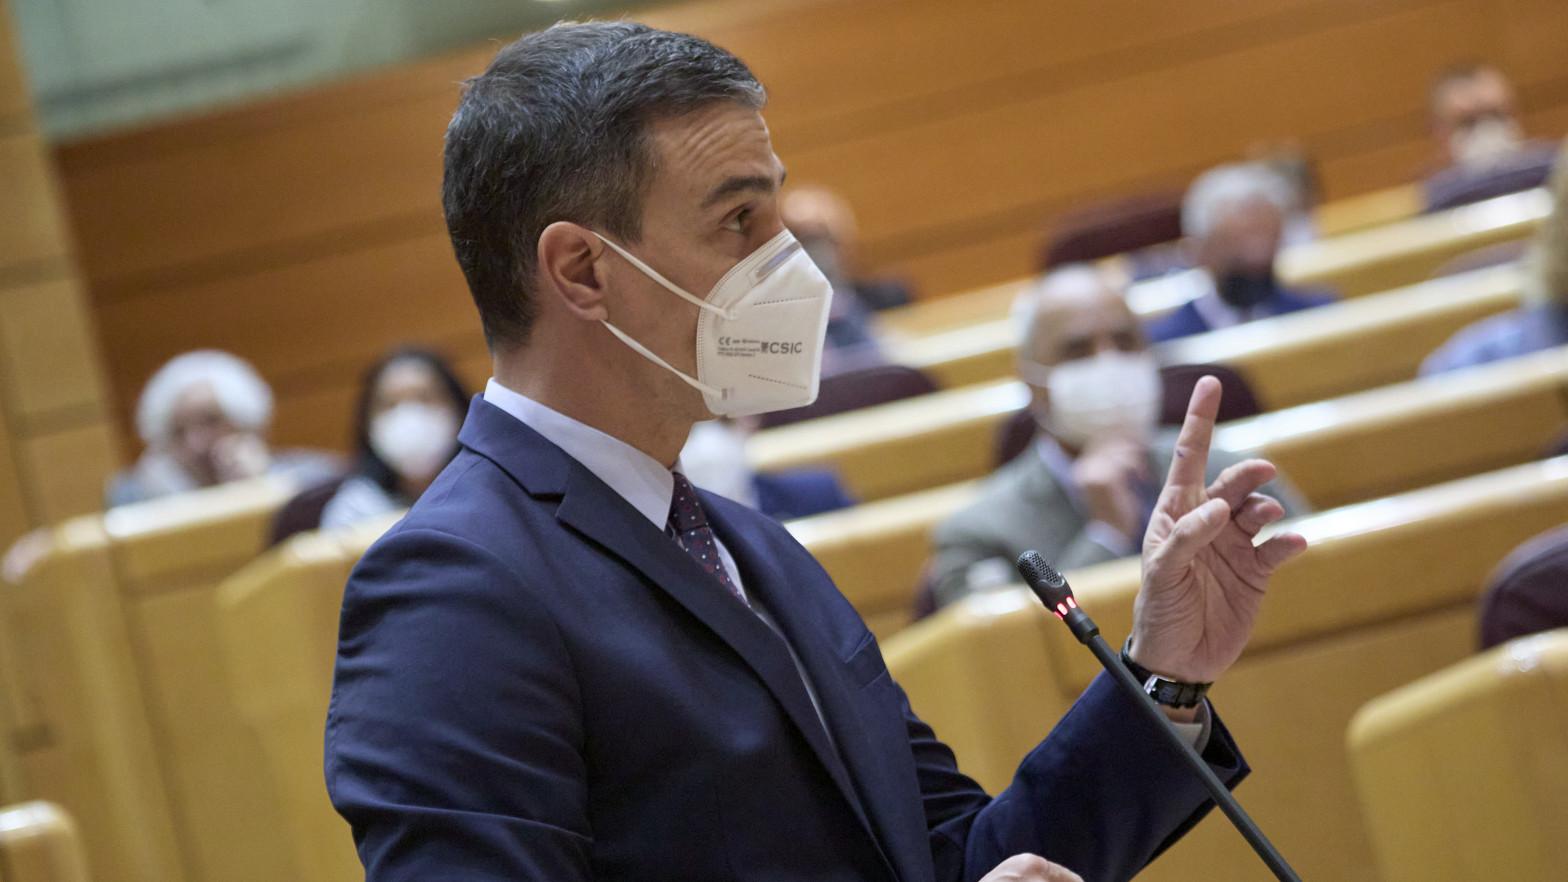 Pedro Sánchez defiende este miércoles su plan para levantar el estado de alarma